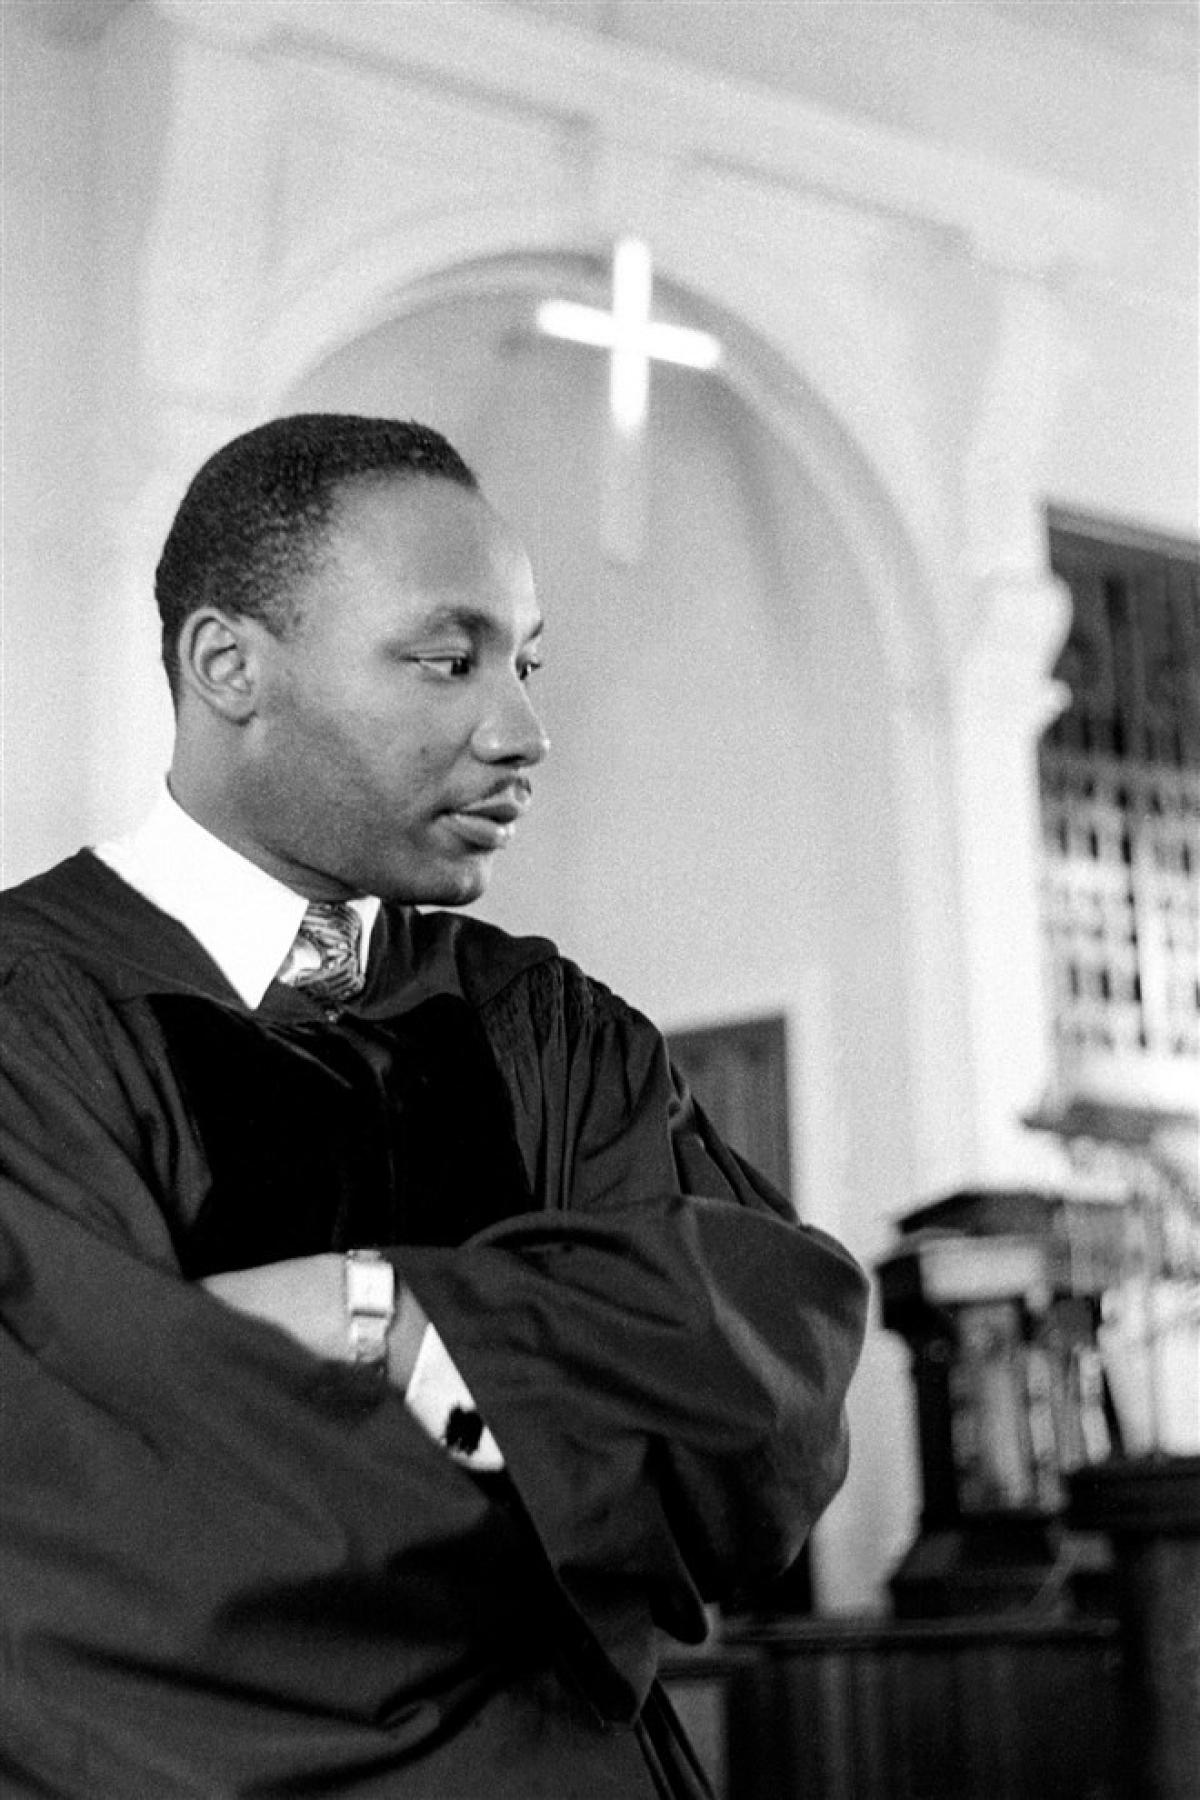 Mục sư King diễn thuyết vào ngày 13/5/1956 tại thành phố Montgomery, bang Alabama. Ảnh: Getty Images